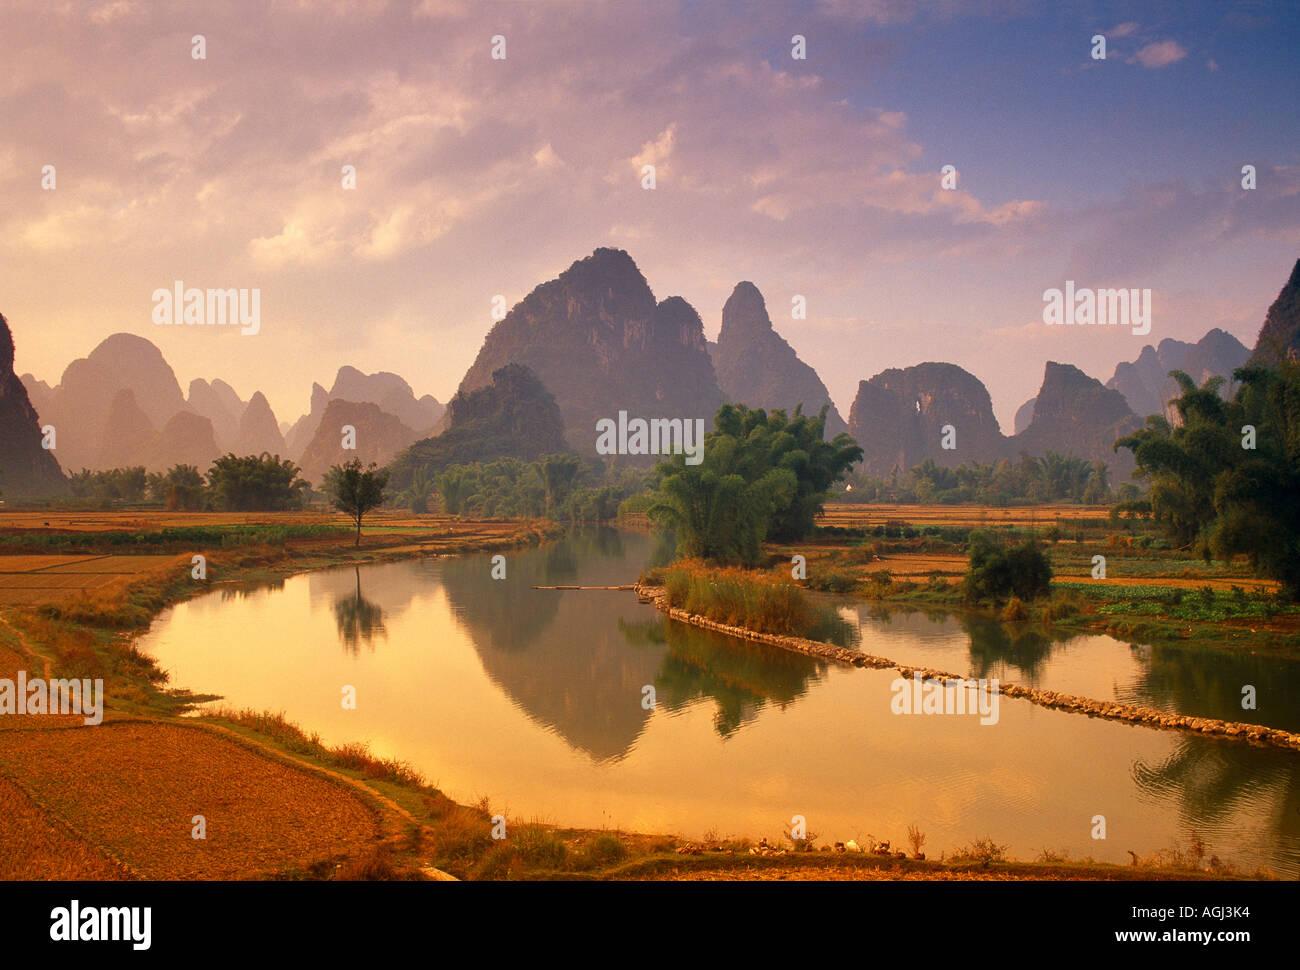 Fiume Li nr Yangshou provincia di Guangxi Cina Immagini Stock